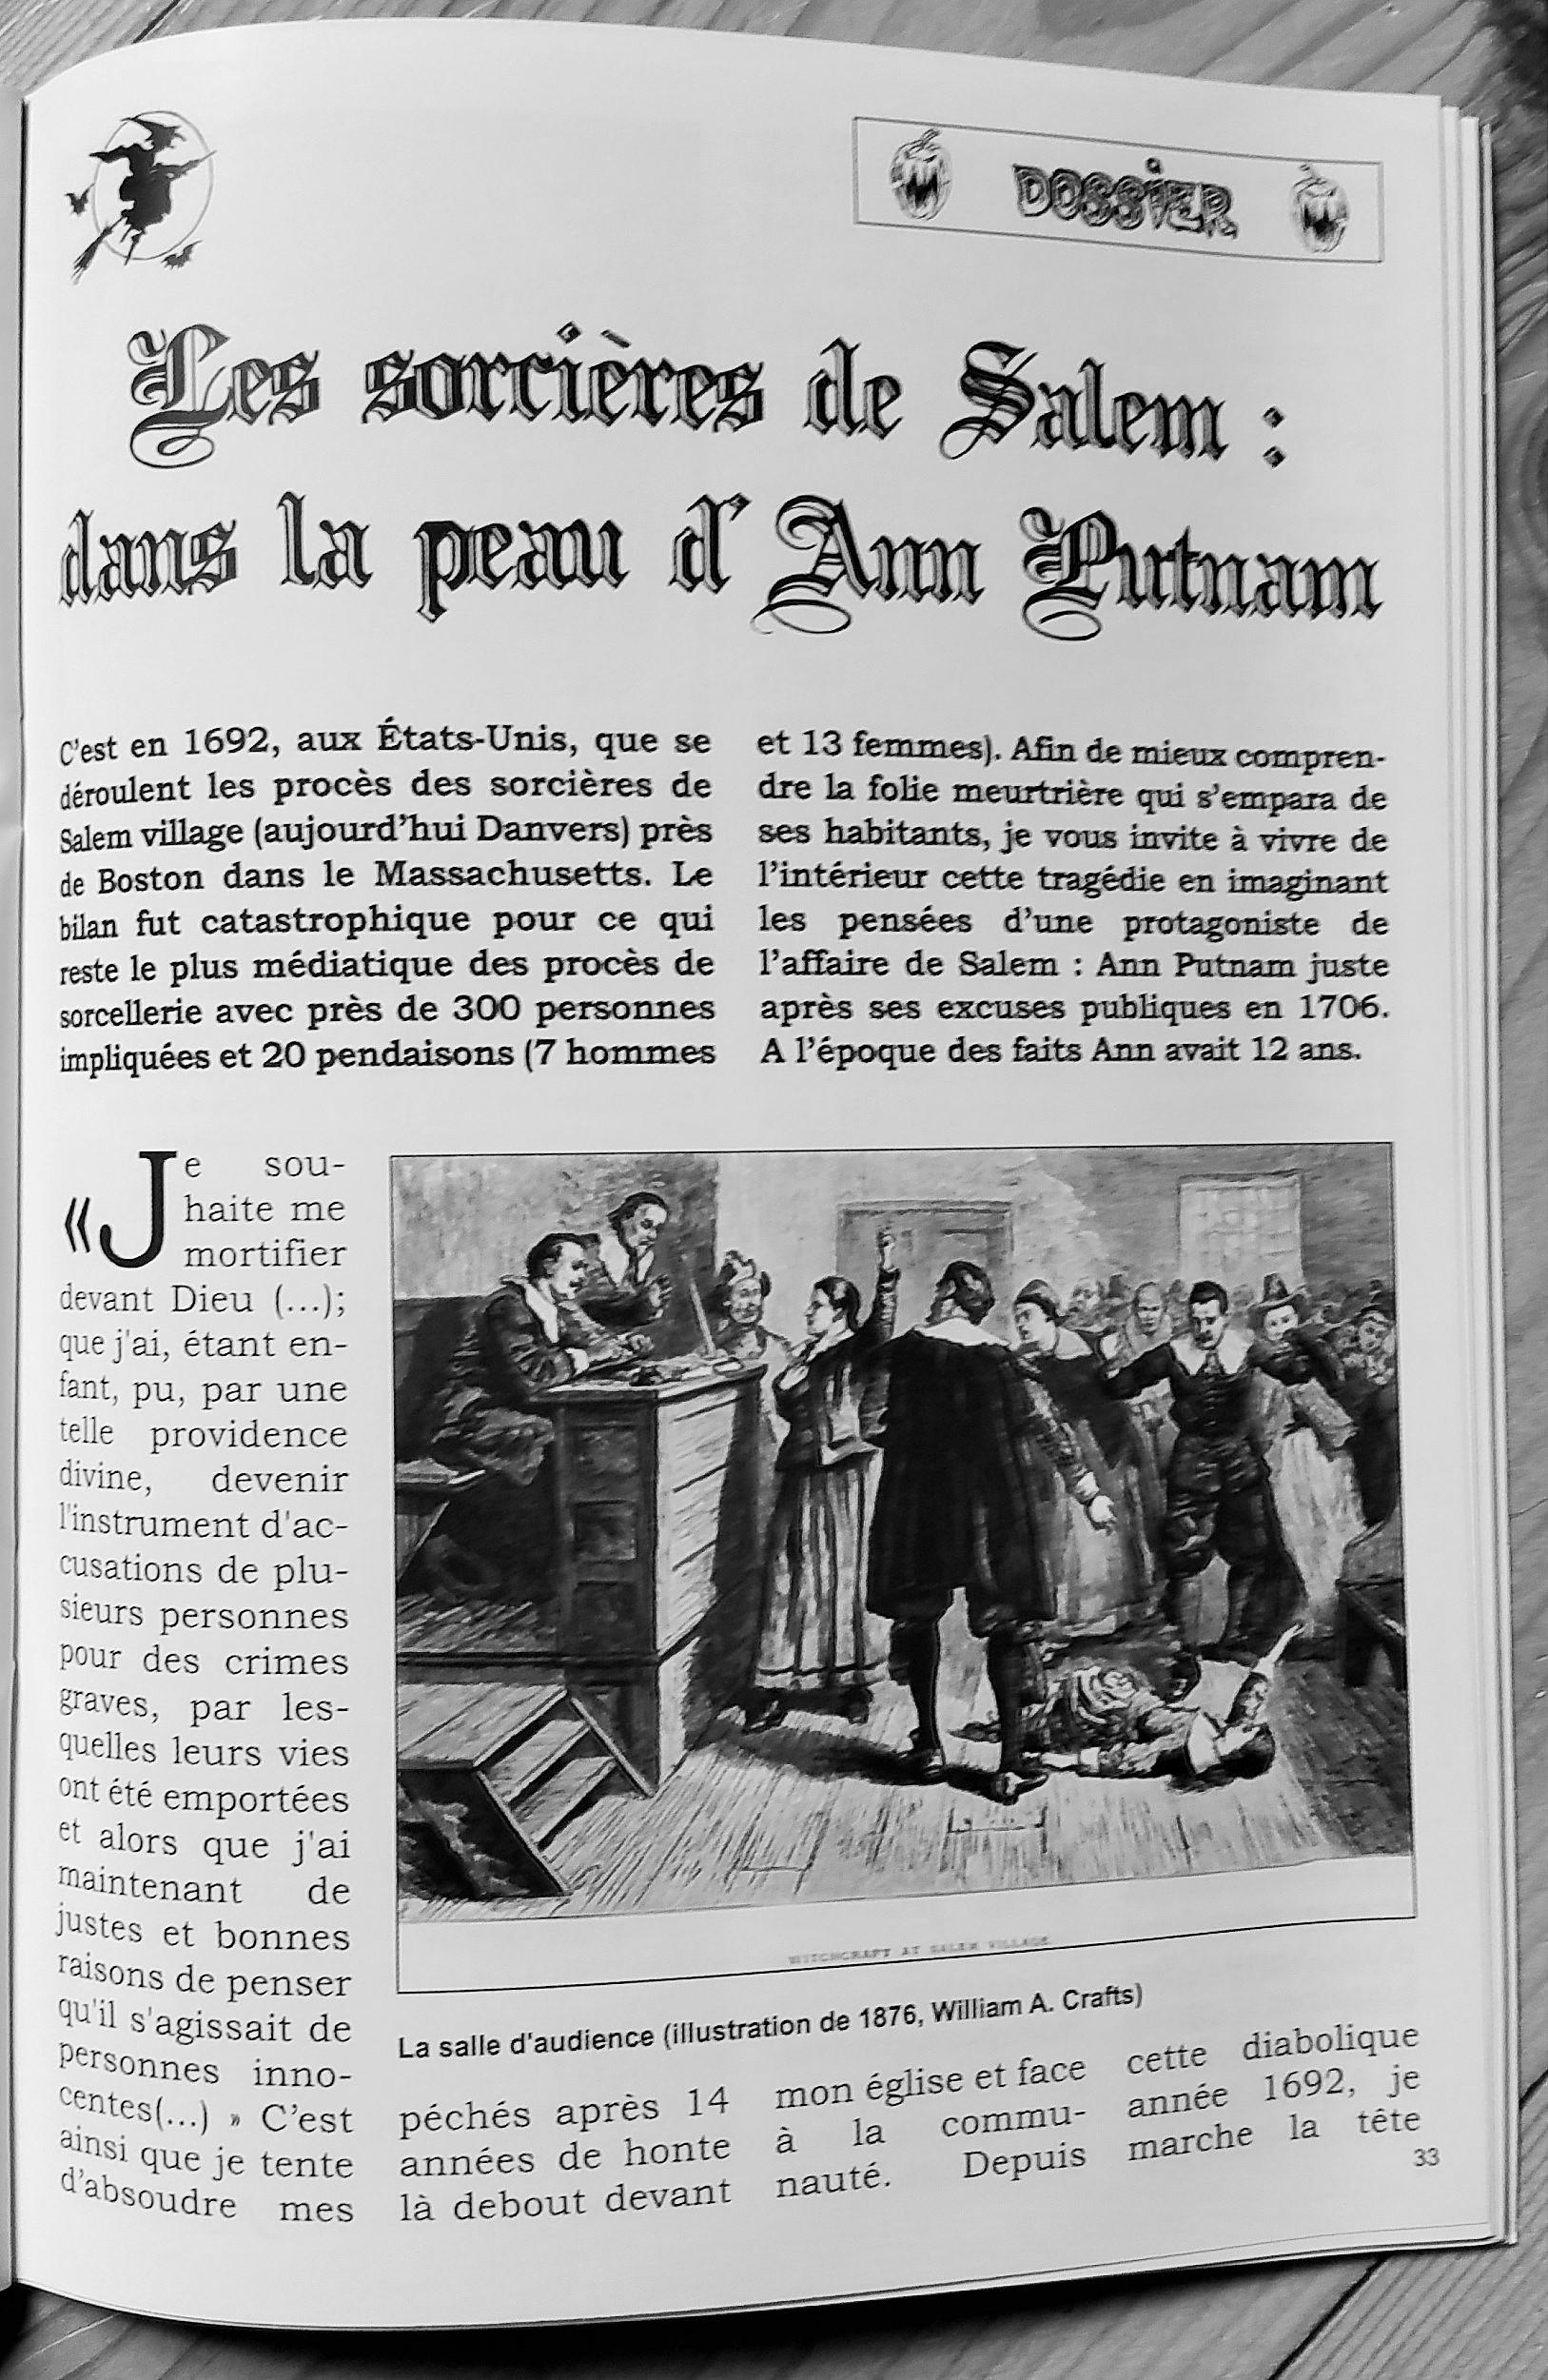 Les sorcières de Salem : Dans la peau d'Ann Putnam